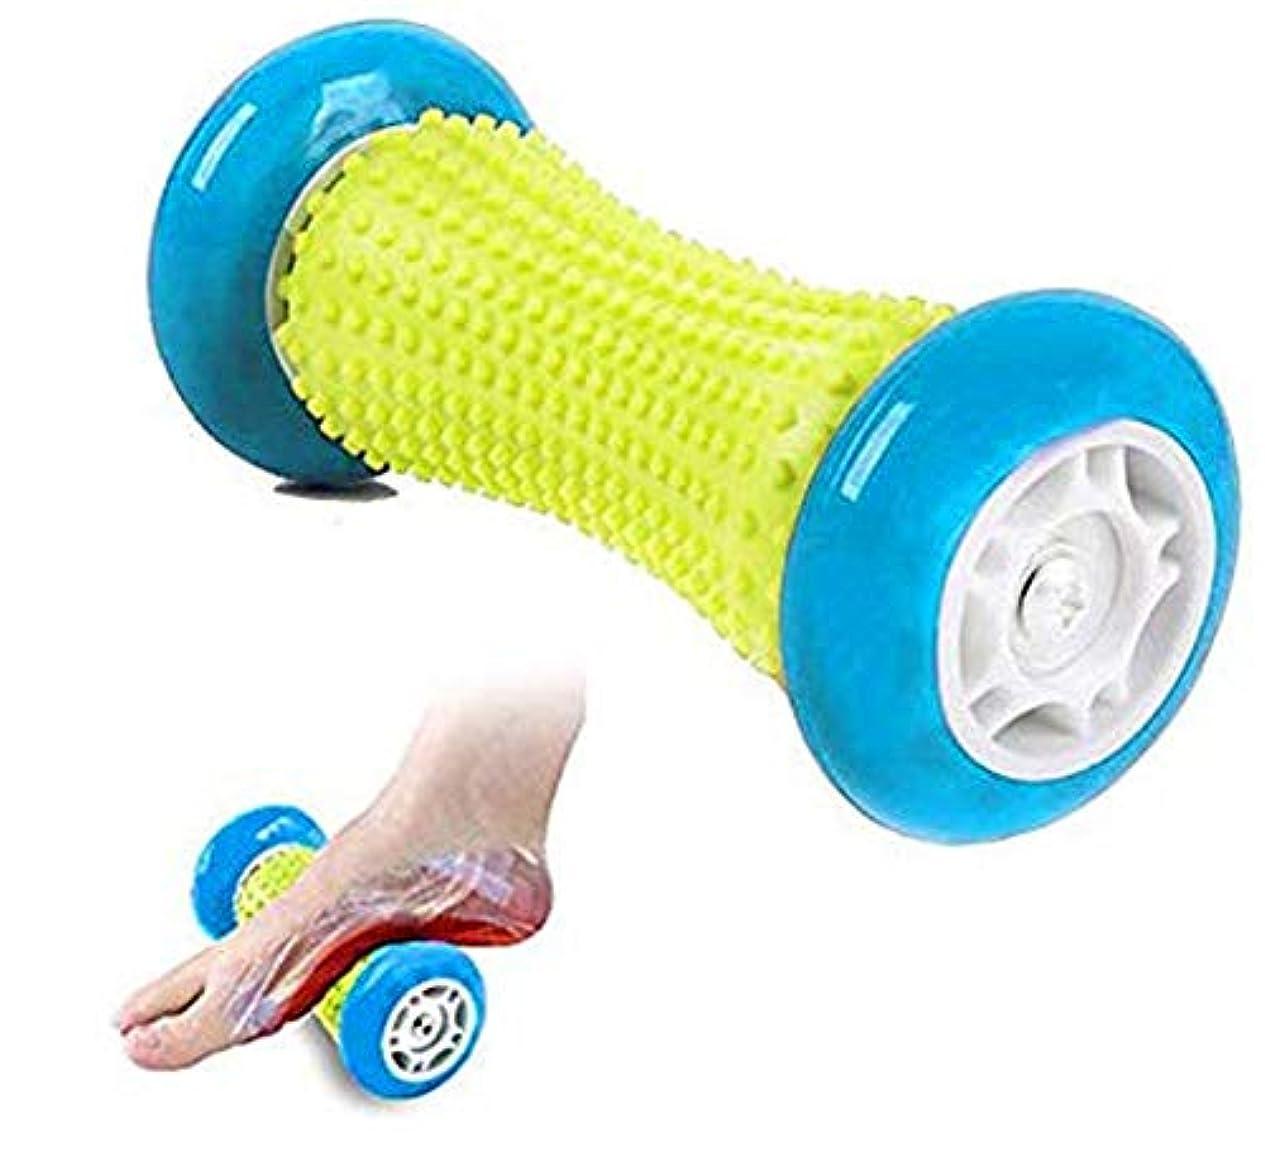 潜むお互い時期尚早フットマッサージローラースパイキーボールは足底筋膜炎ヒールスパーズ足のアーチの痛みディープ?ティッシュ?指圧リフレクソロジーを和らげるマッサージ痛み筋ノットをリラックス (Color : ライトブルー)